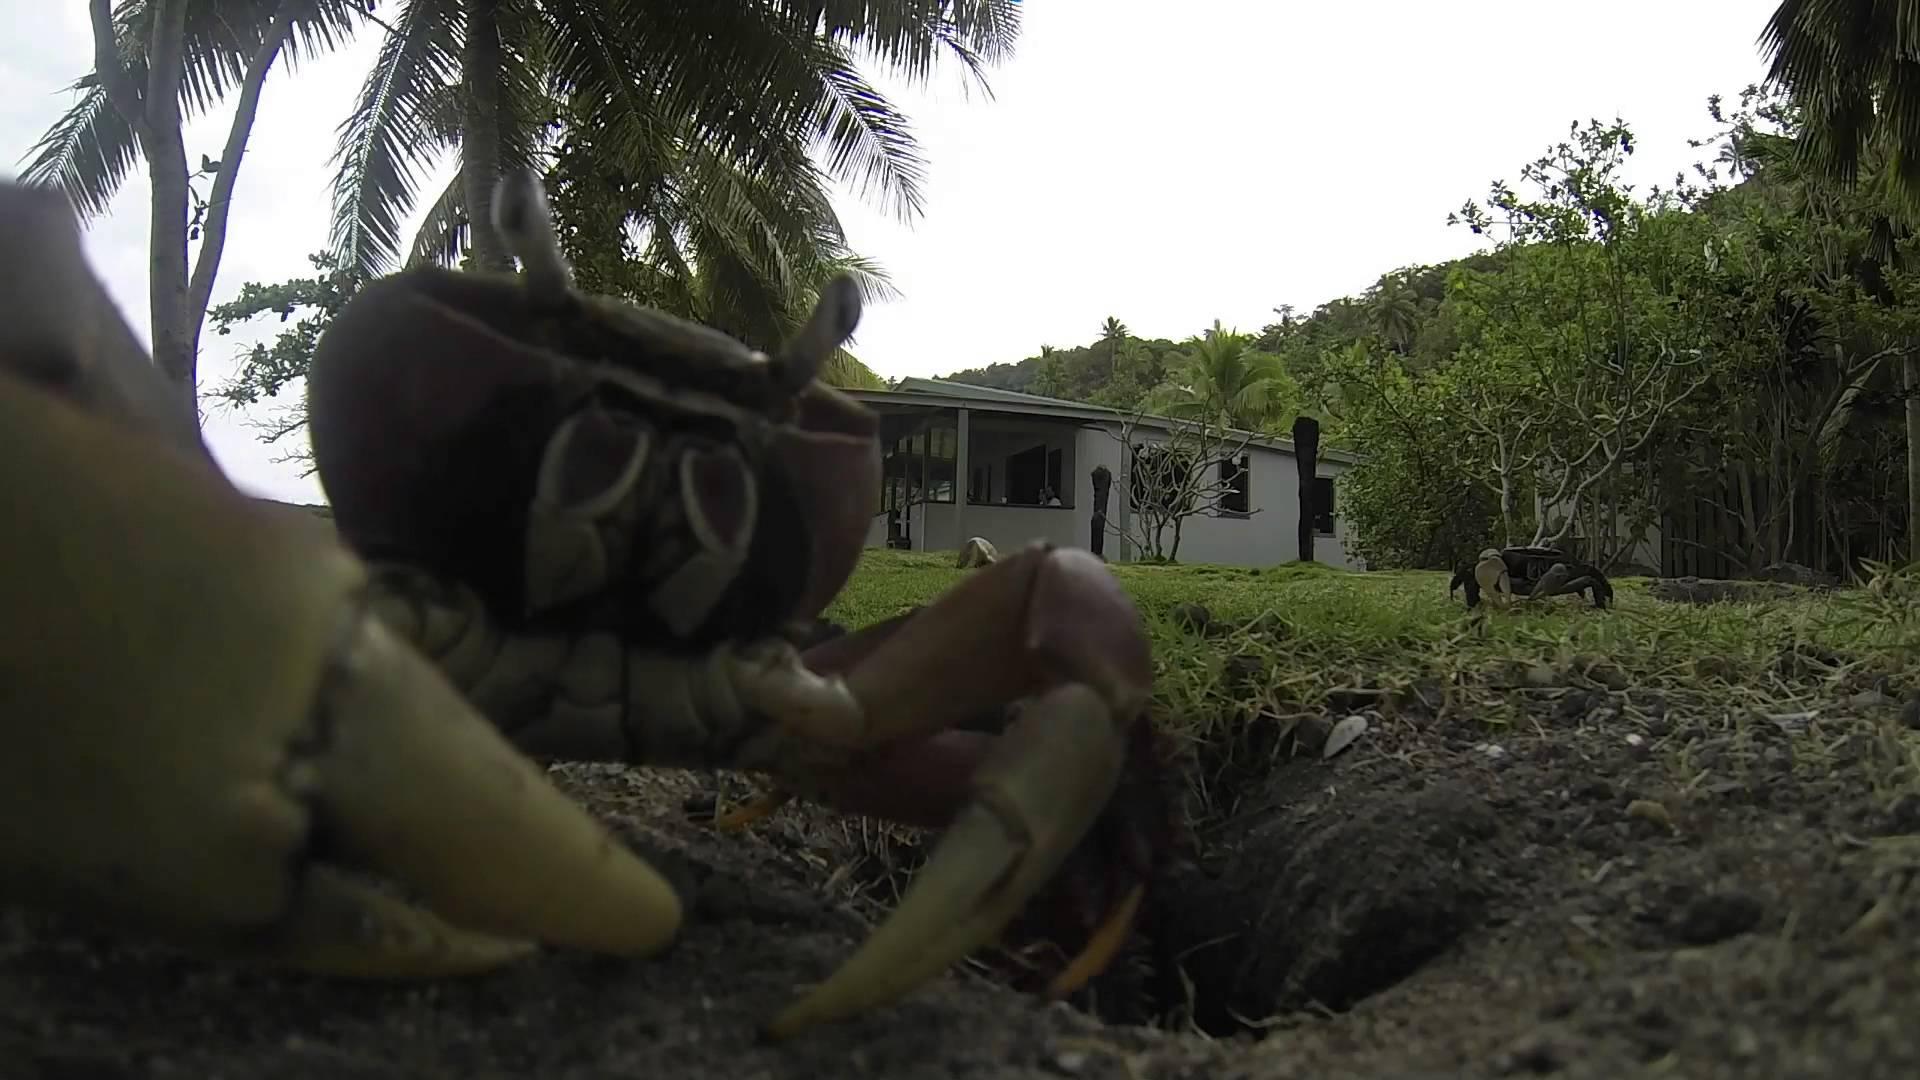 Un crabe qui vole une GoPro